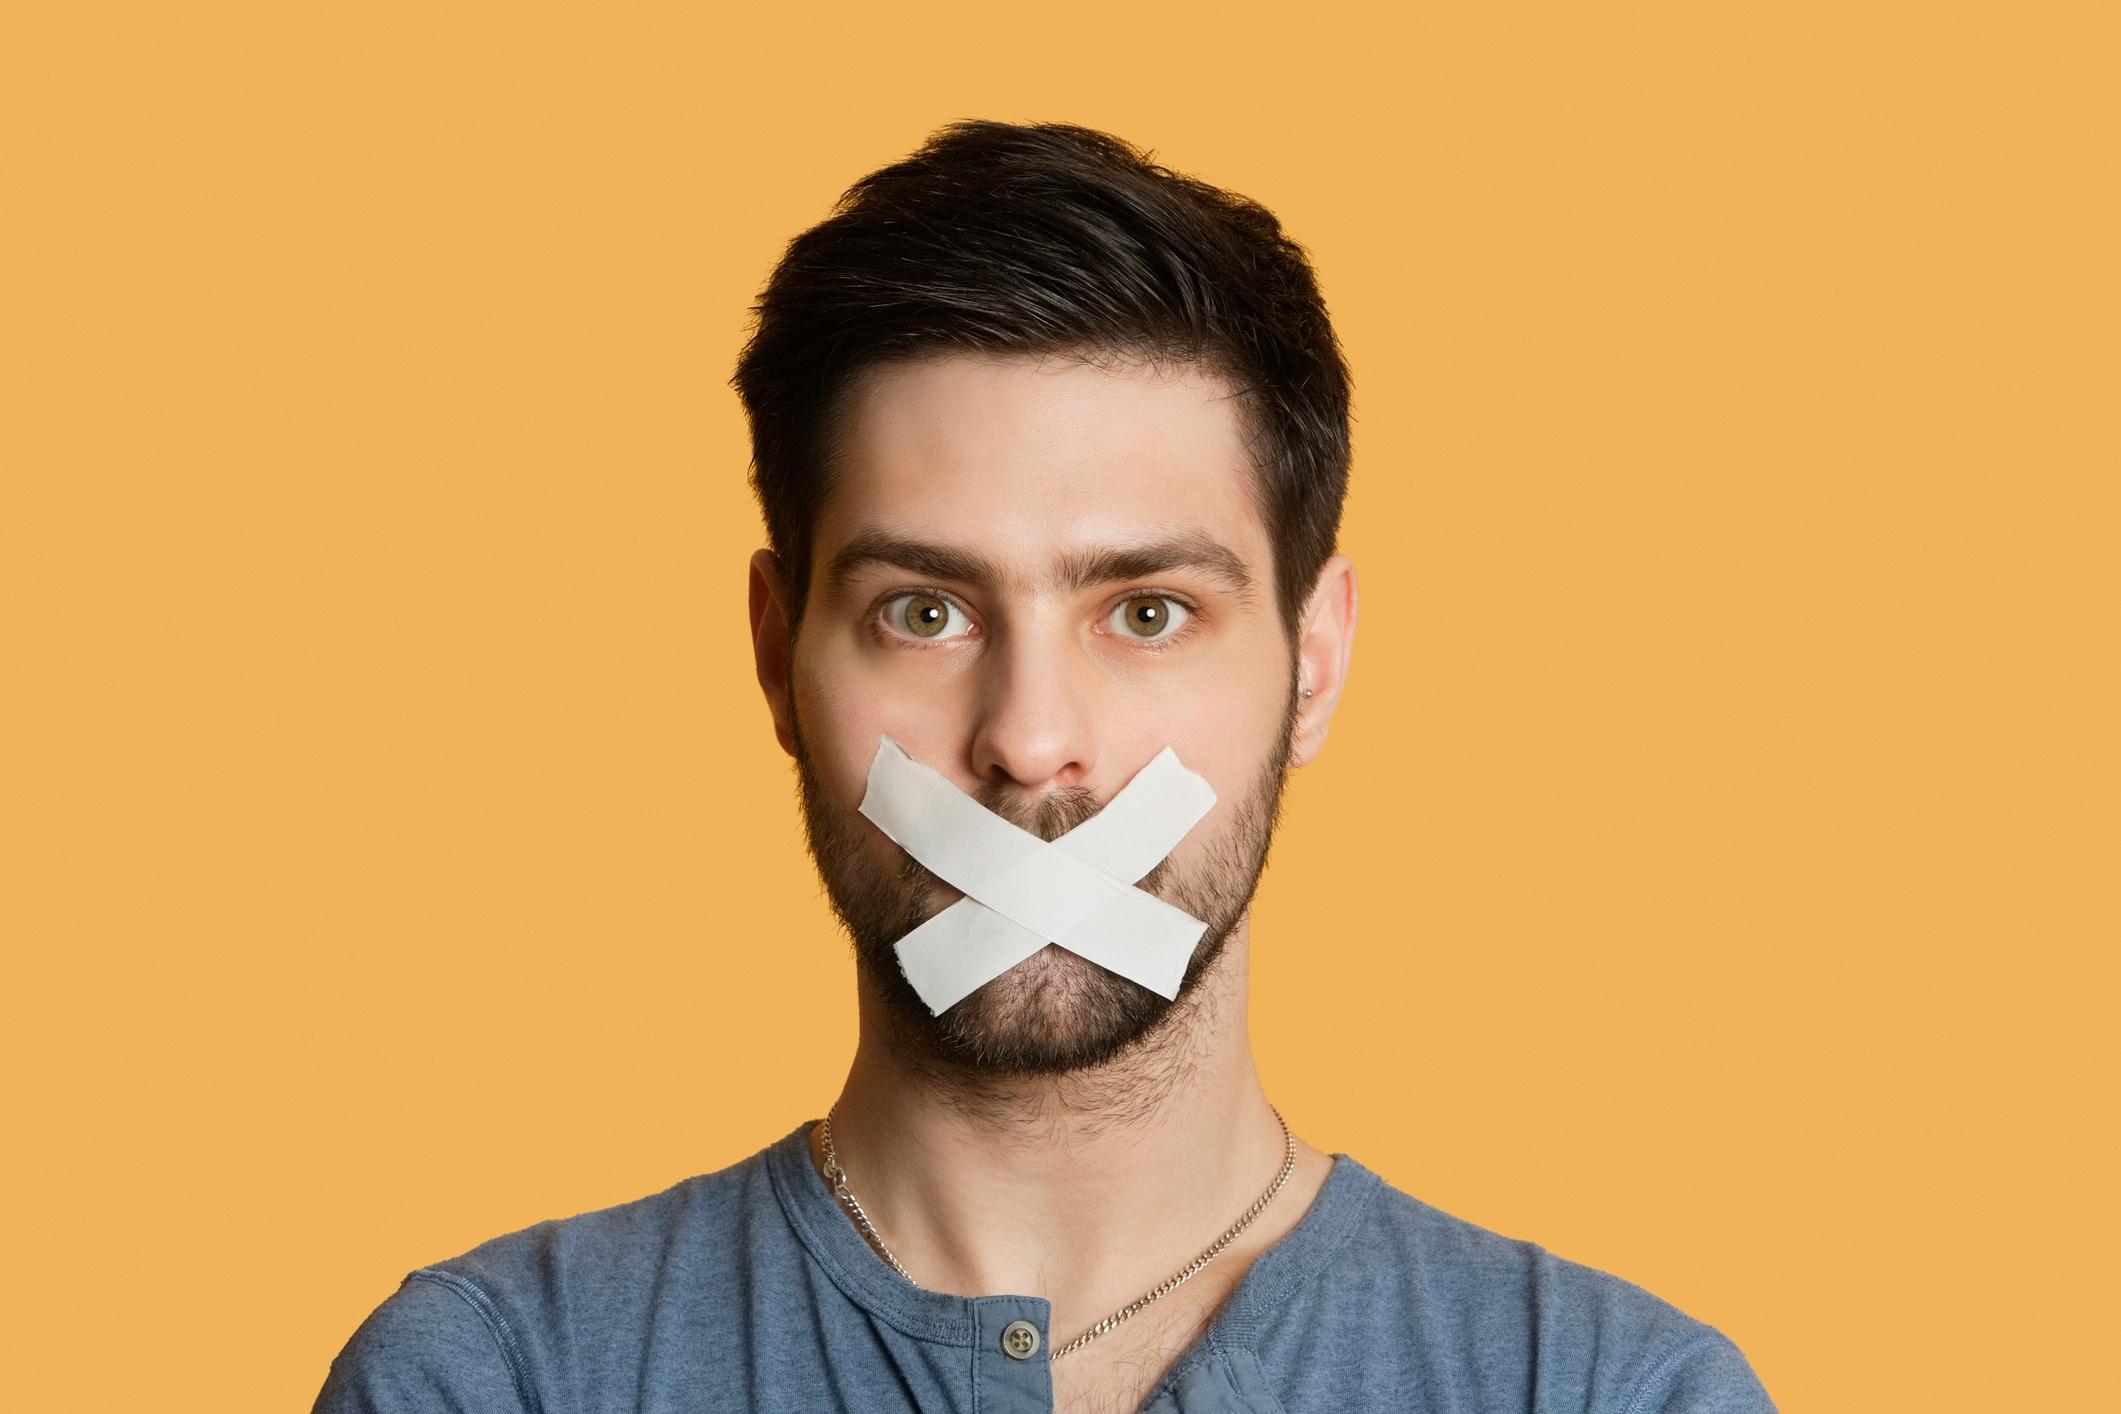 Por qué el silencio podría ser tu mejor táctica de negociación